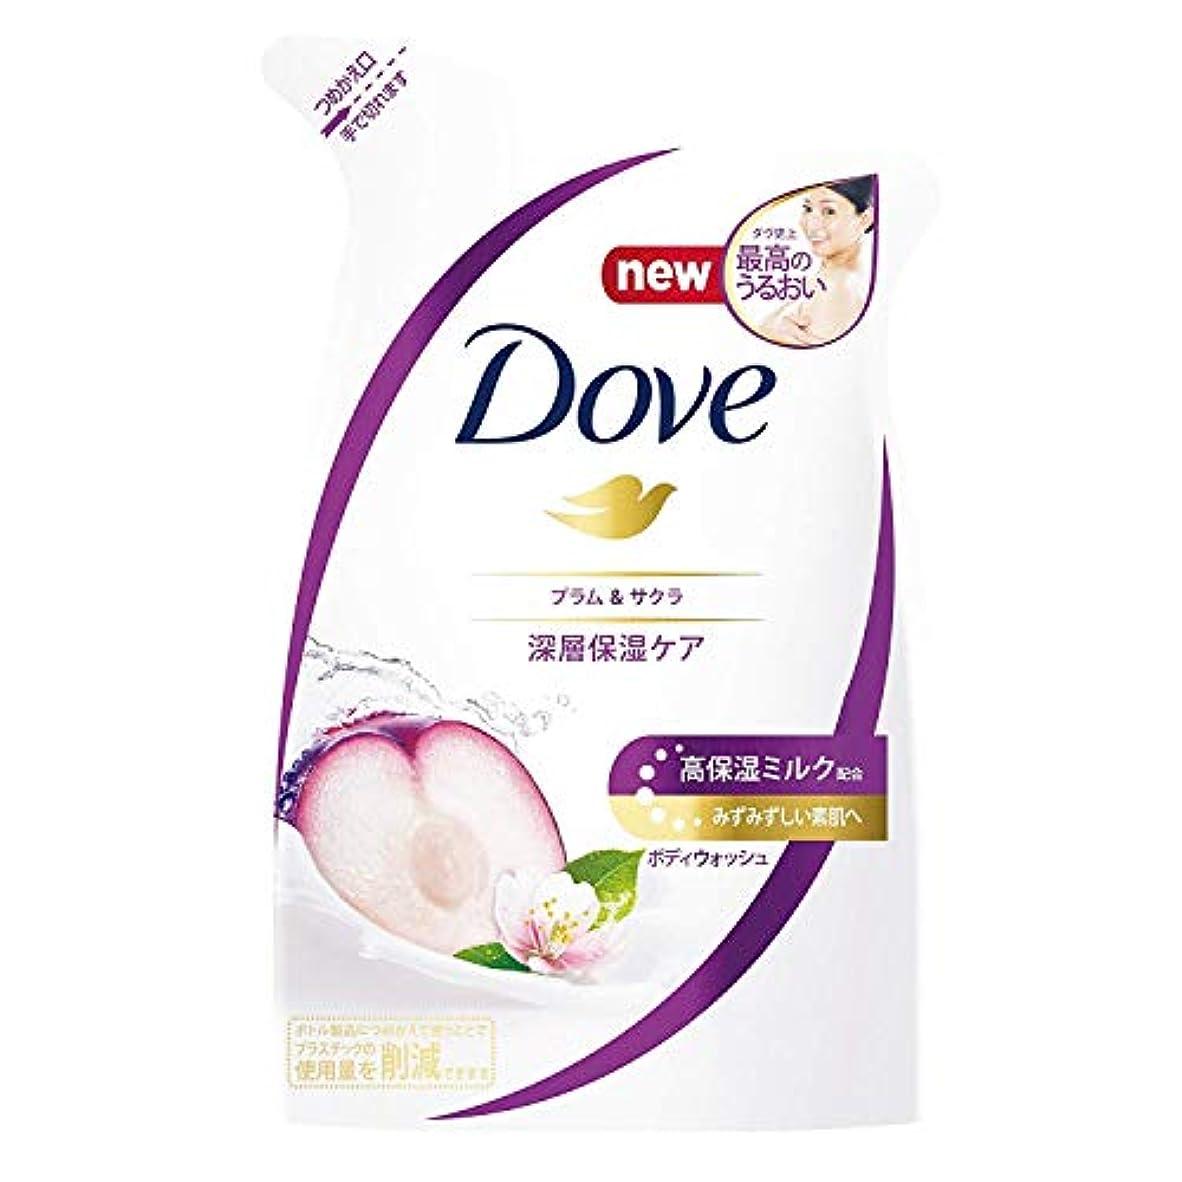 しかしながらジャンク褒賞【2個セット】Dove ダヴ ボディウォッシュ プラム & サクラ つめかえ用 360g